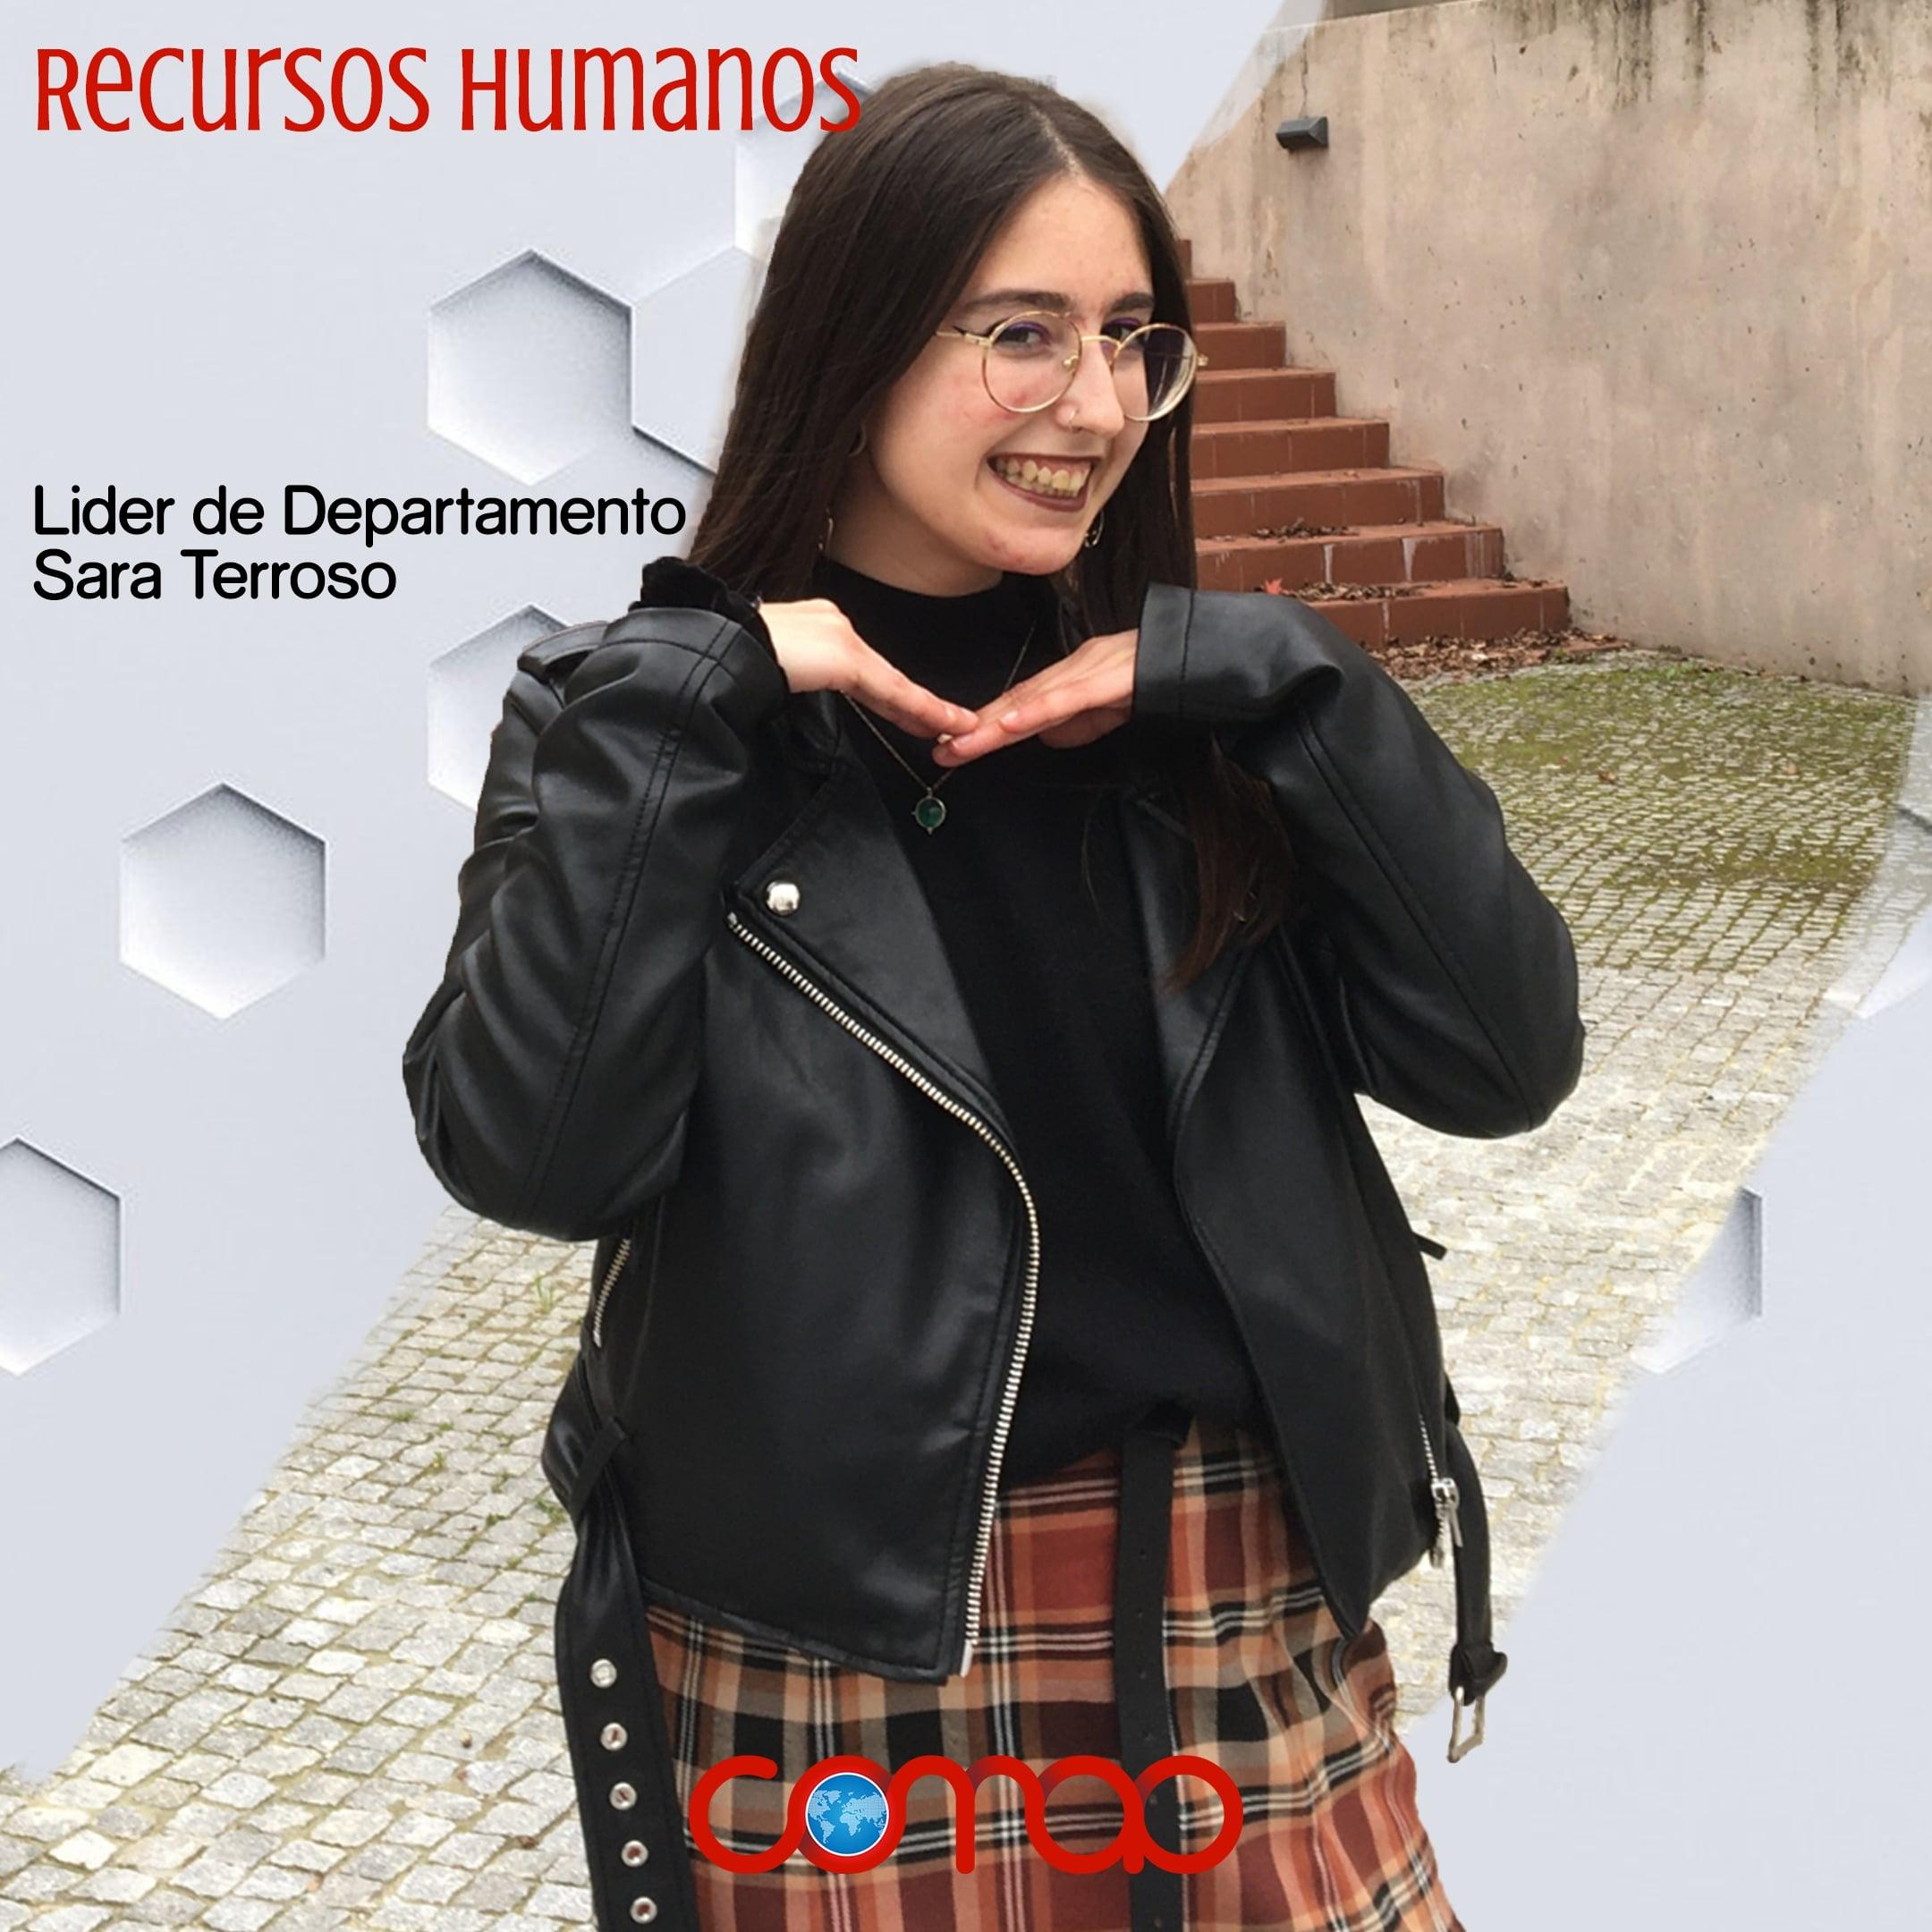 Sara Terroso